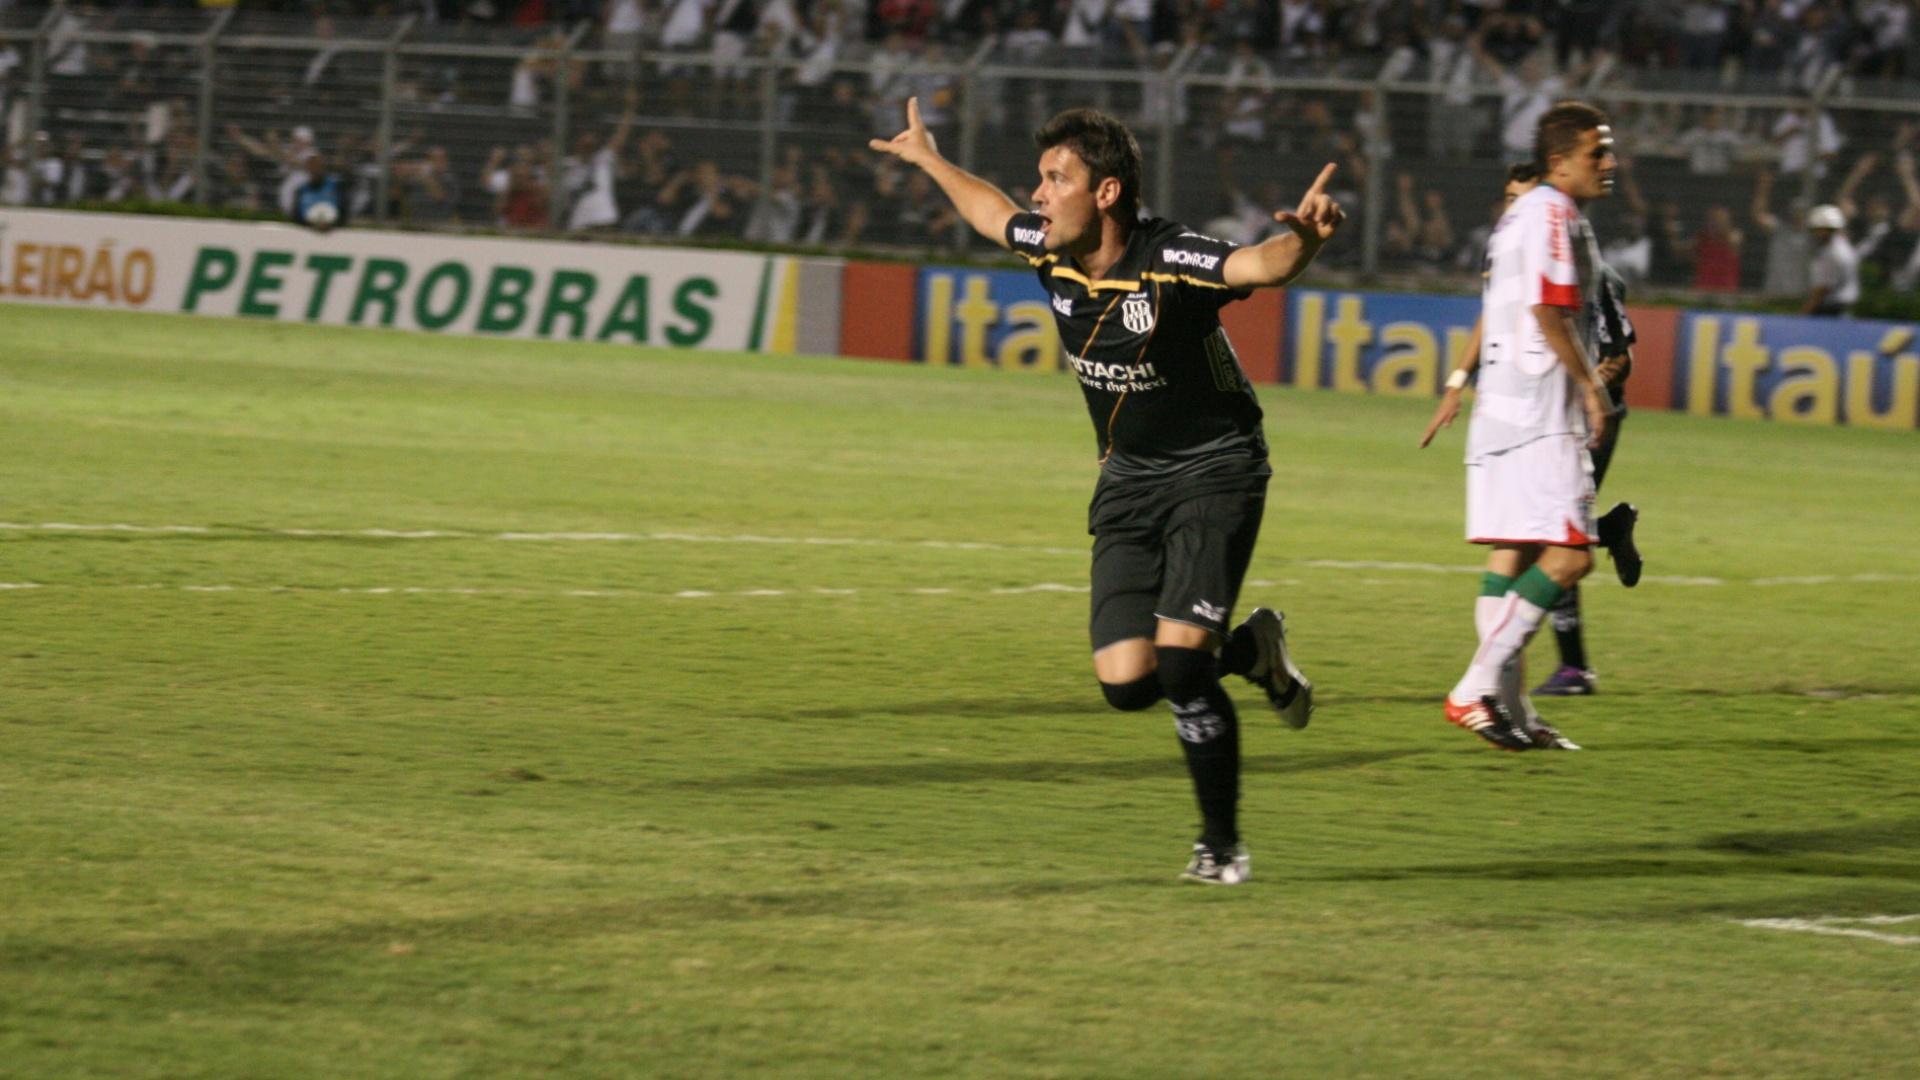 Giancarlo, da Ponte Preta, comemora seu gol em partida contra a Portuguesa